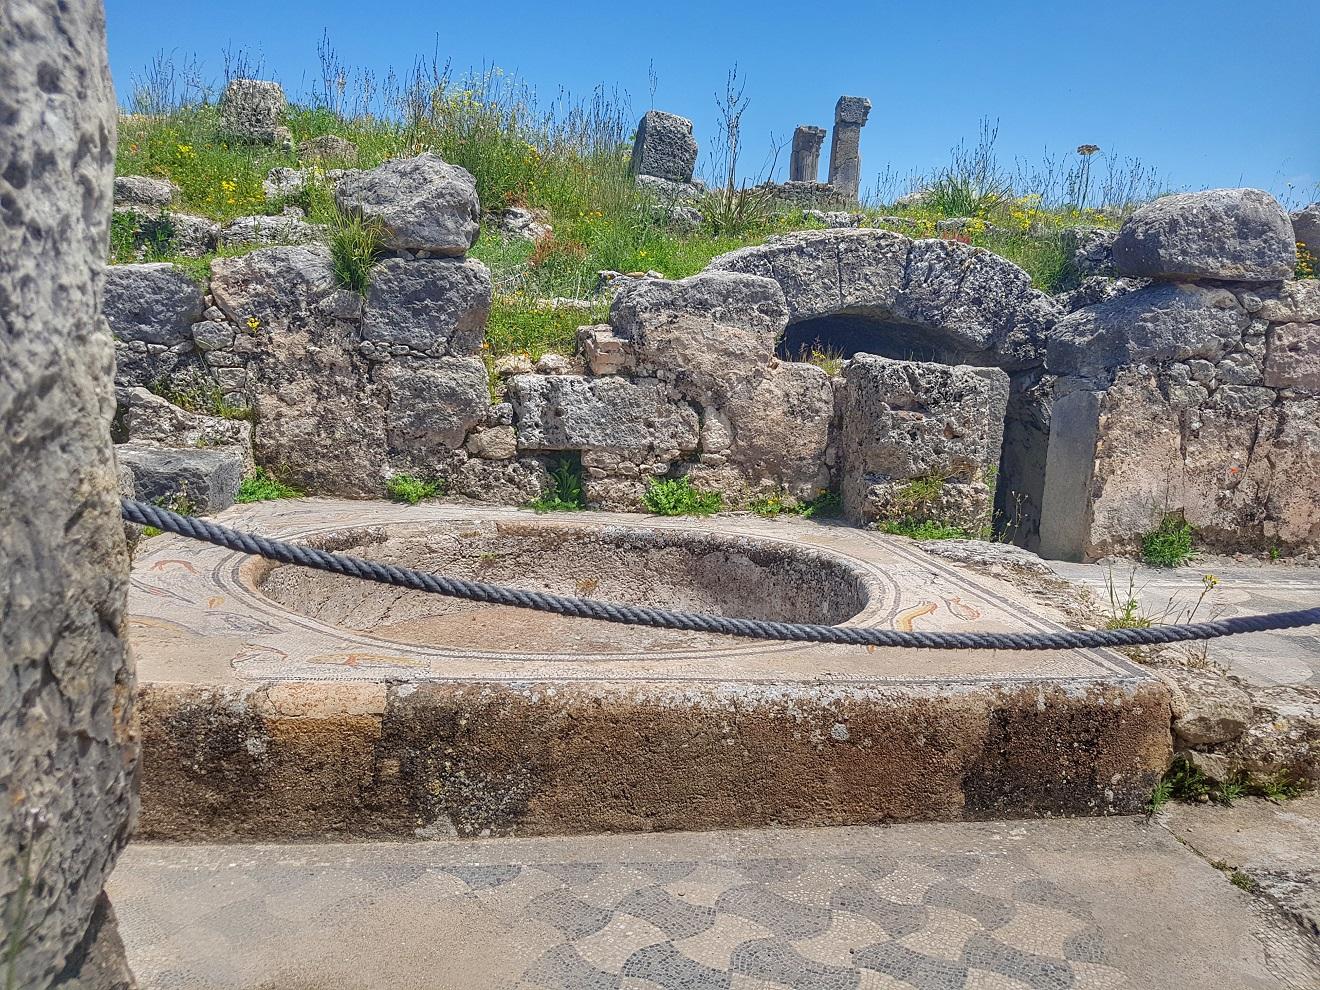 volubili, rimski grad u maroku, mozaici, maroko, arheološko nalazište maroko, meknes